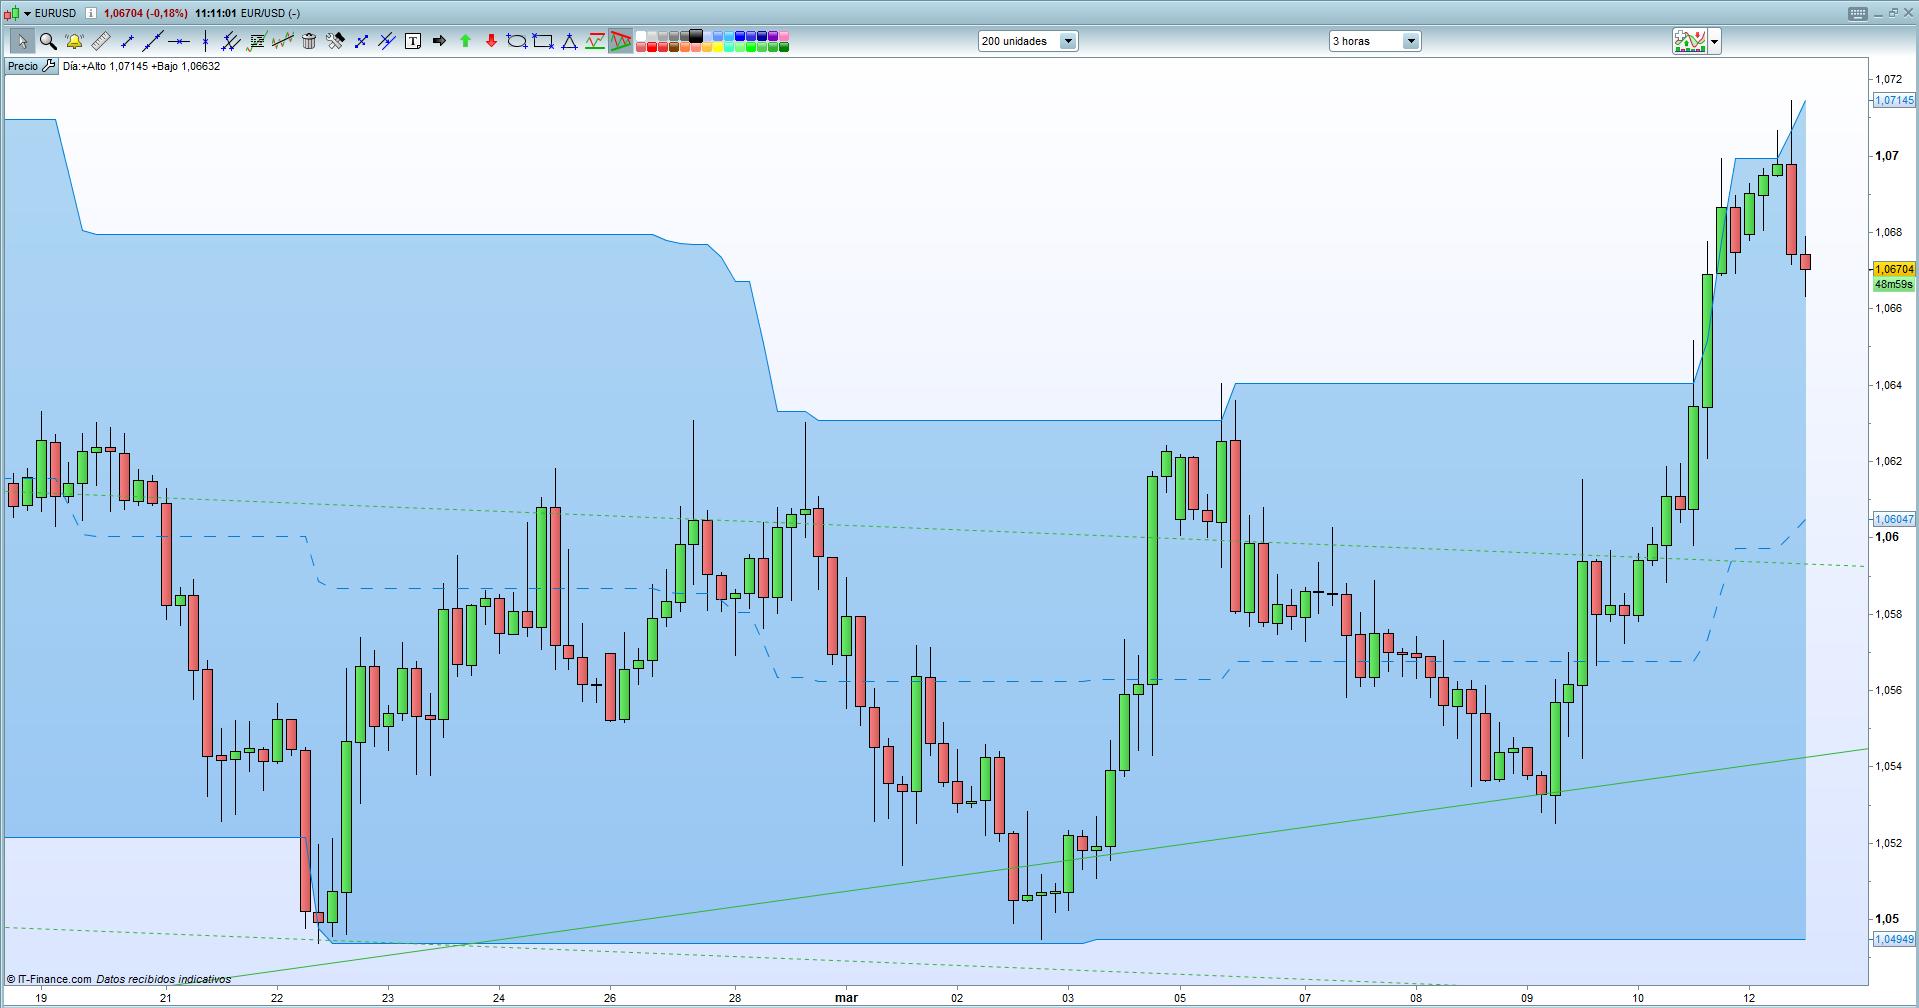 Semana Bancos Centrales: ¿Qué será del EUR/USD?